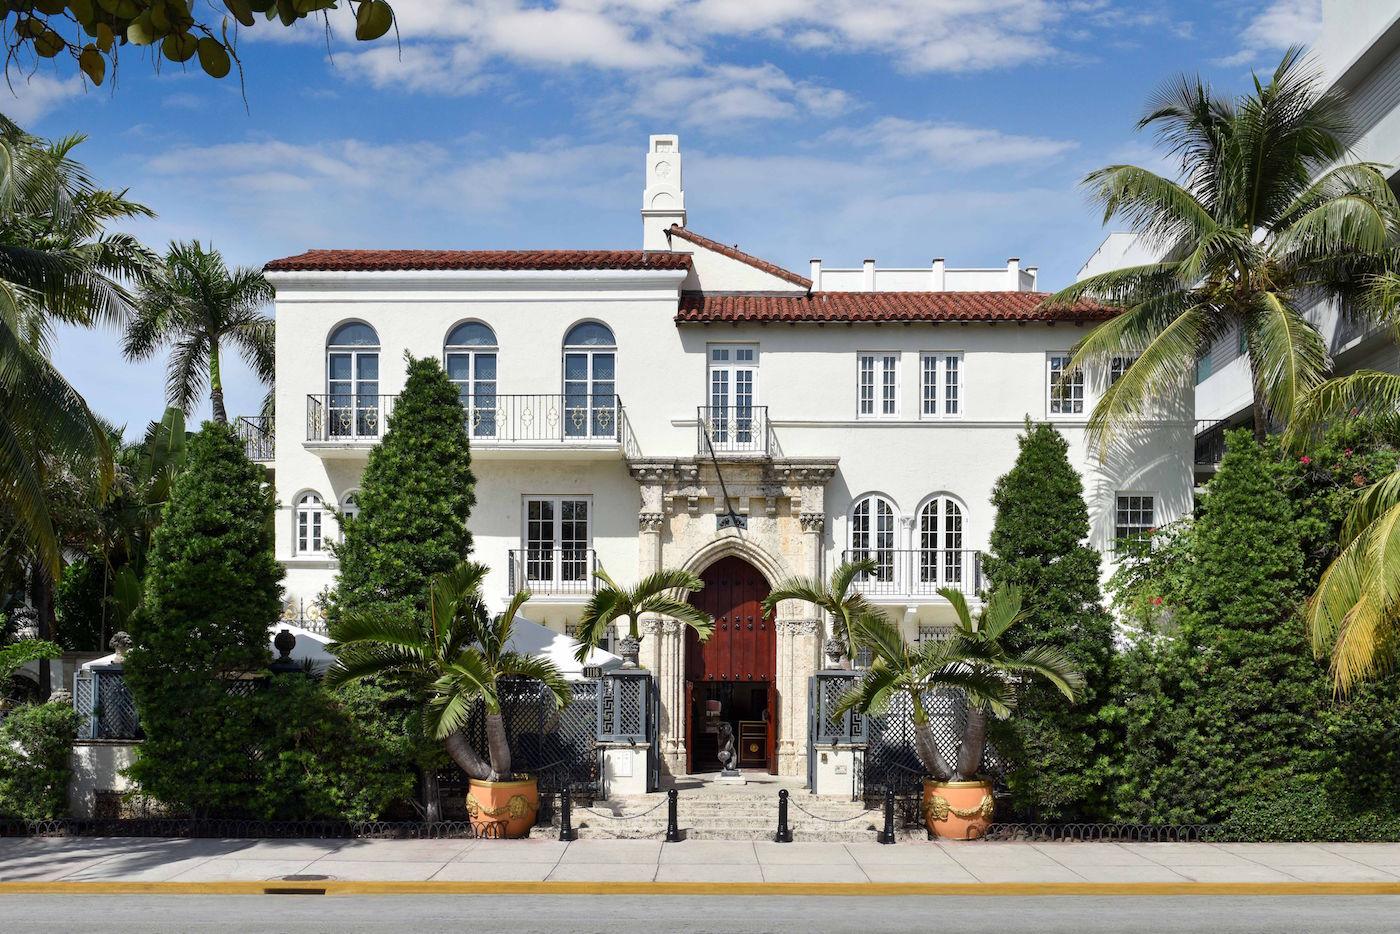 Gianni Versaces Anwesen in Miami wurde in ein Luxushotel umgewandelt 1